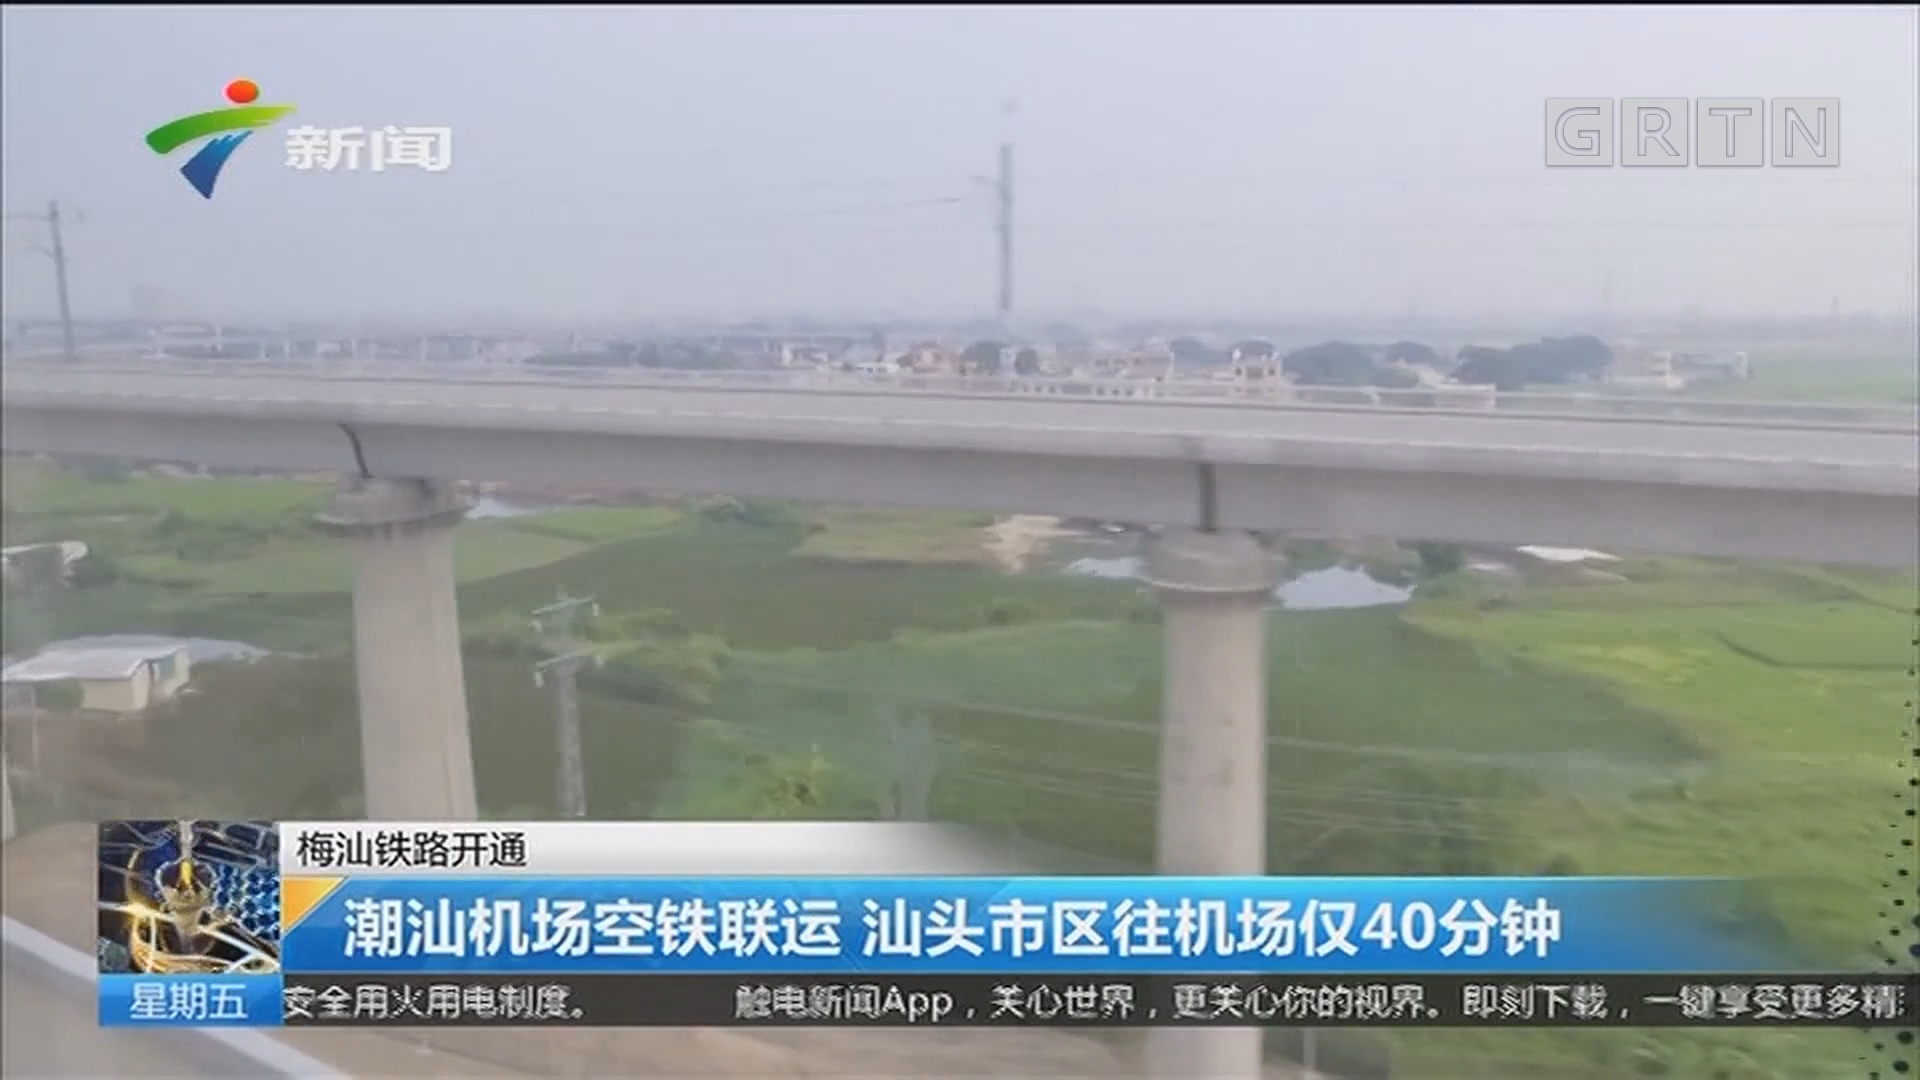 梅汕铁路开通 潮汕机场空铁联运 汕头市区往机场仅40分钟